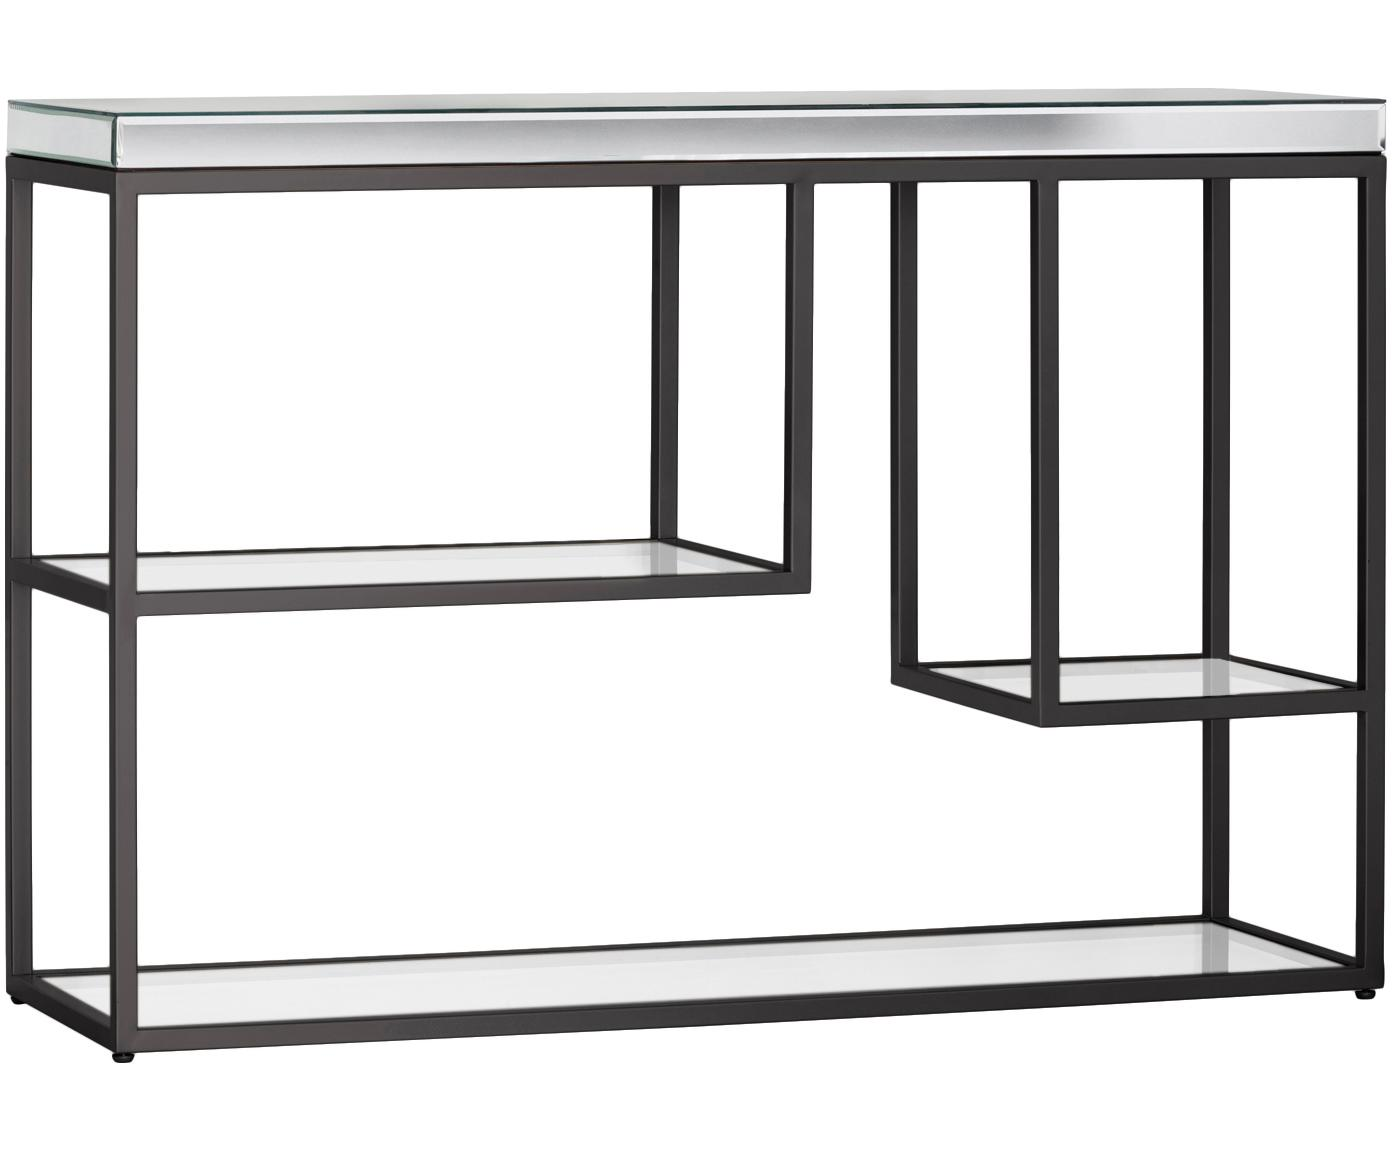 Consolle con piani in vetro Pippard, Struttura: metallo verniciato, Mensola: lastra di vetro, Nero trasparente, Larg. 120 x Prof. 36 cm